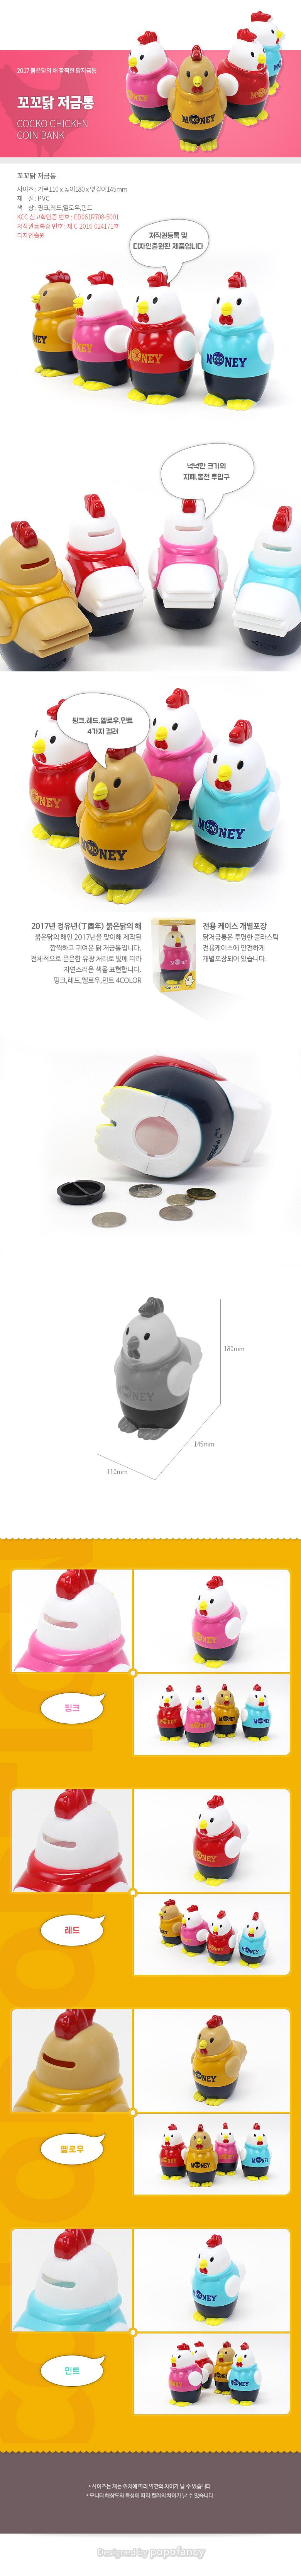 꼬꼬닭 저금통 - 포포팬시, 6,000원, 데스크소품, 저금통